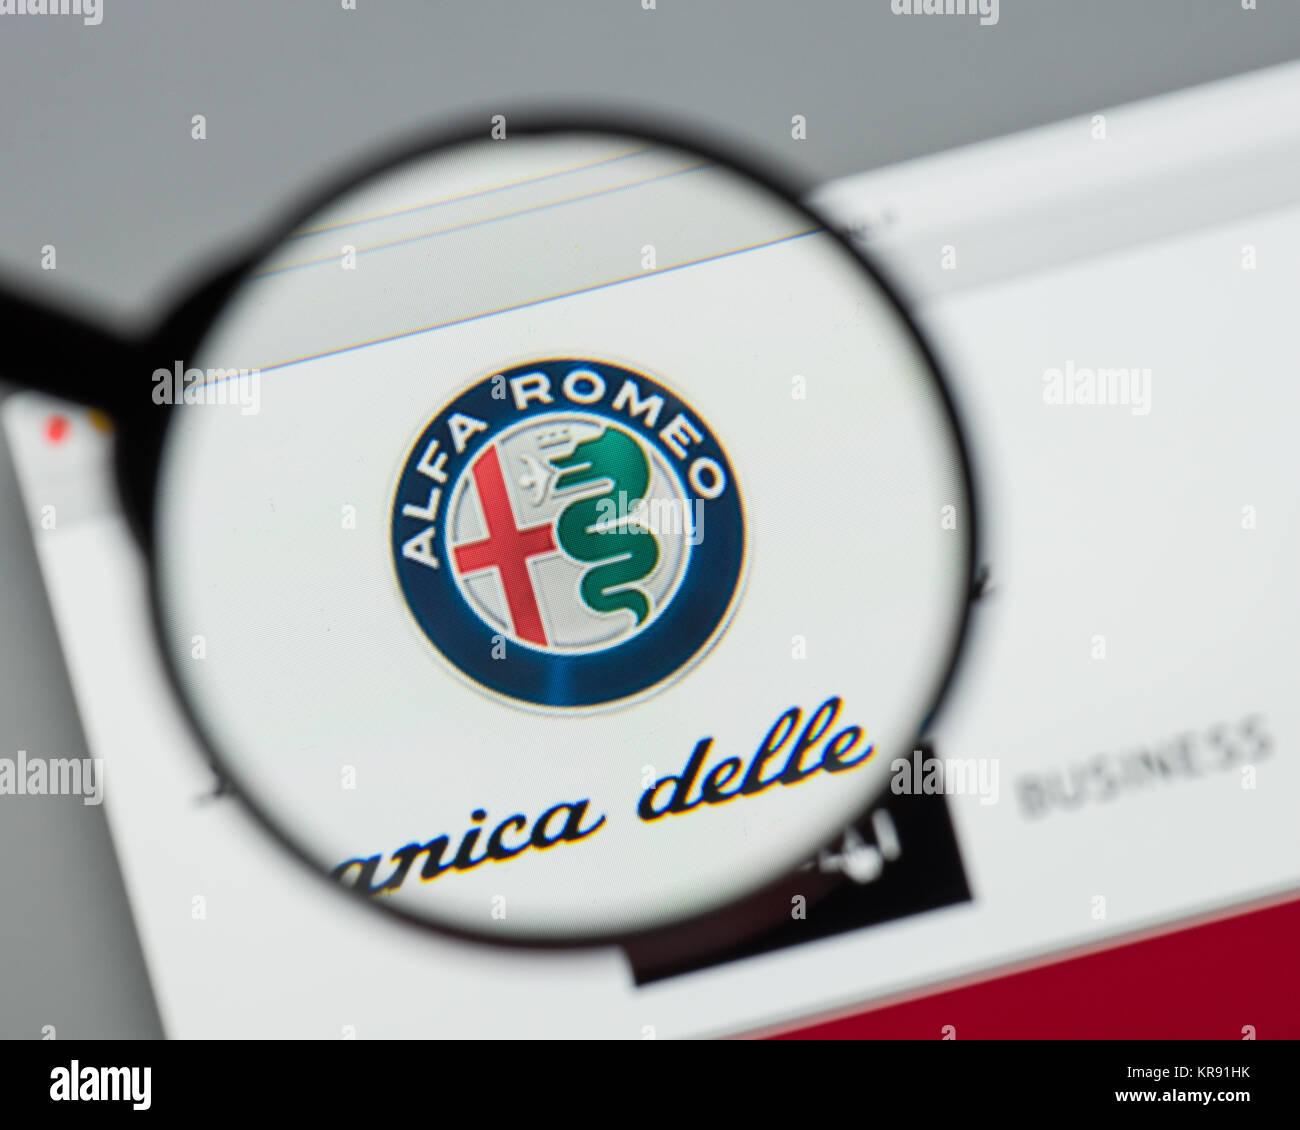 Mailand Italien 10 August 2017 Alfa Romeo Homepage Es Ist Eine Symbol Italienische Autohersteller Logo Sichtbar